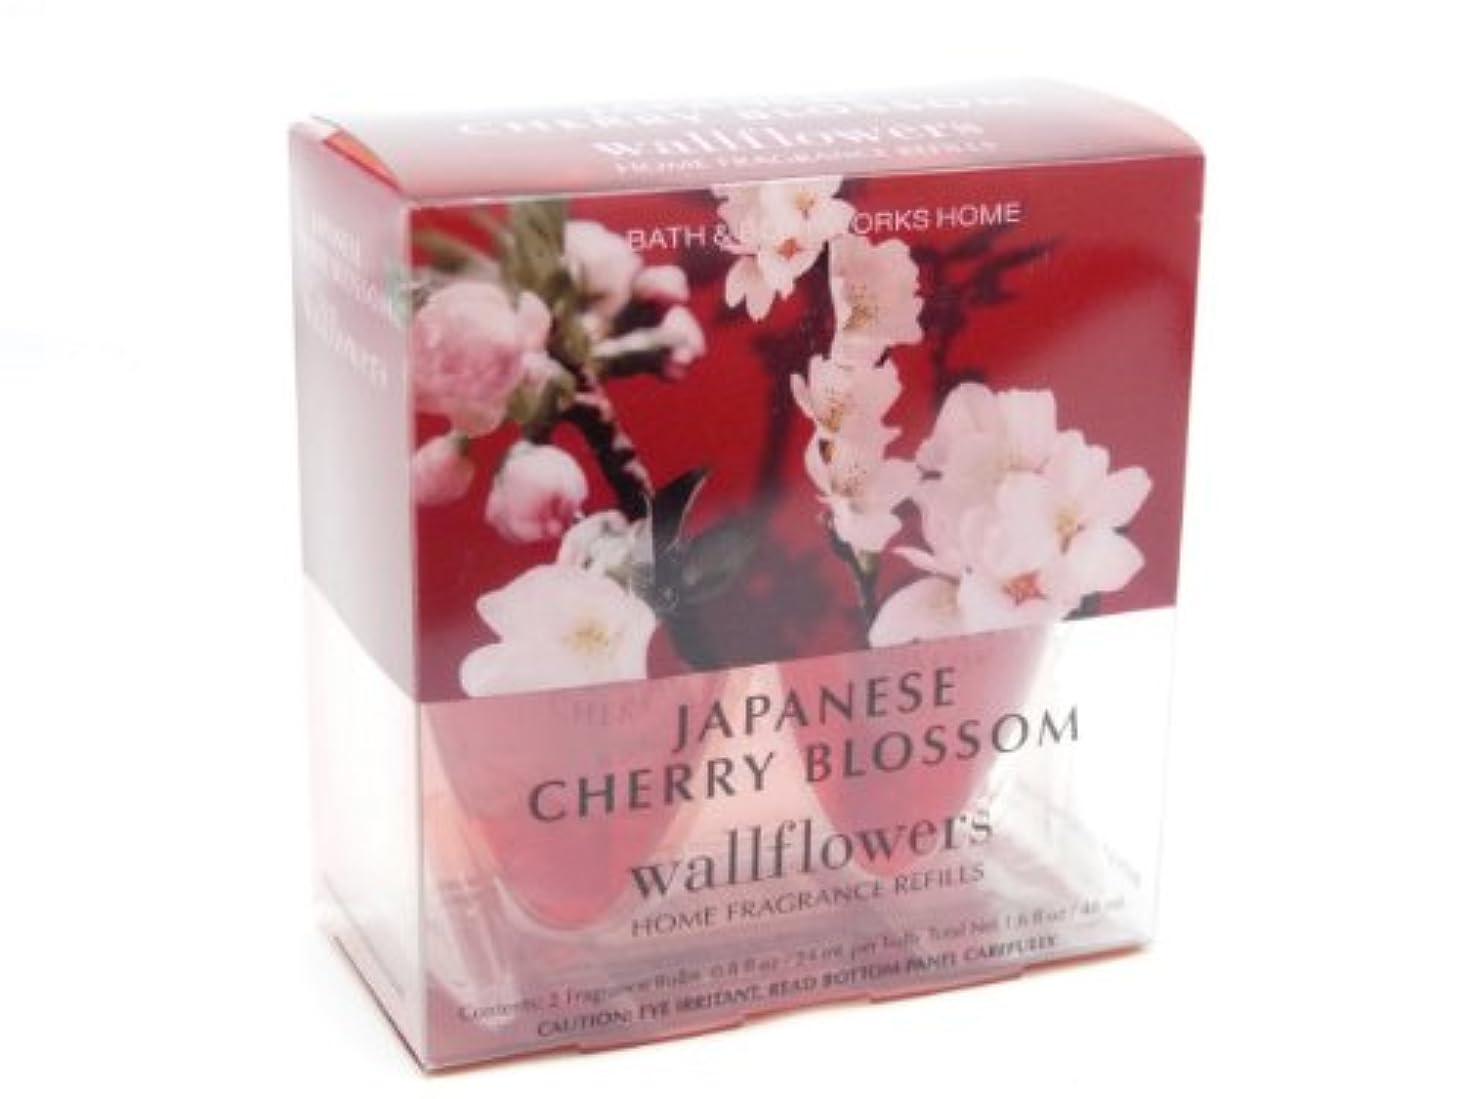 苦しむ有能なガジュマル[Bath&Body Works] [バス&ボディワークス] New ジャパニーズ チェリーブラッサム リフィル ルームフレグランス 2本入り Wall Flowers Japanese Cherry Blossom Refill